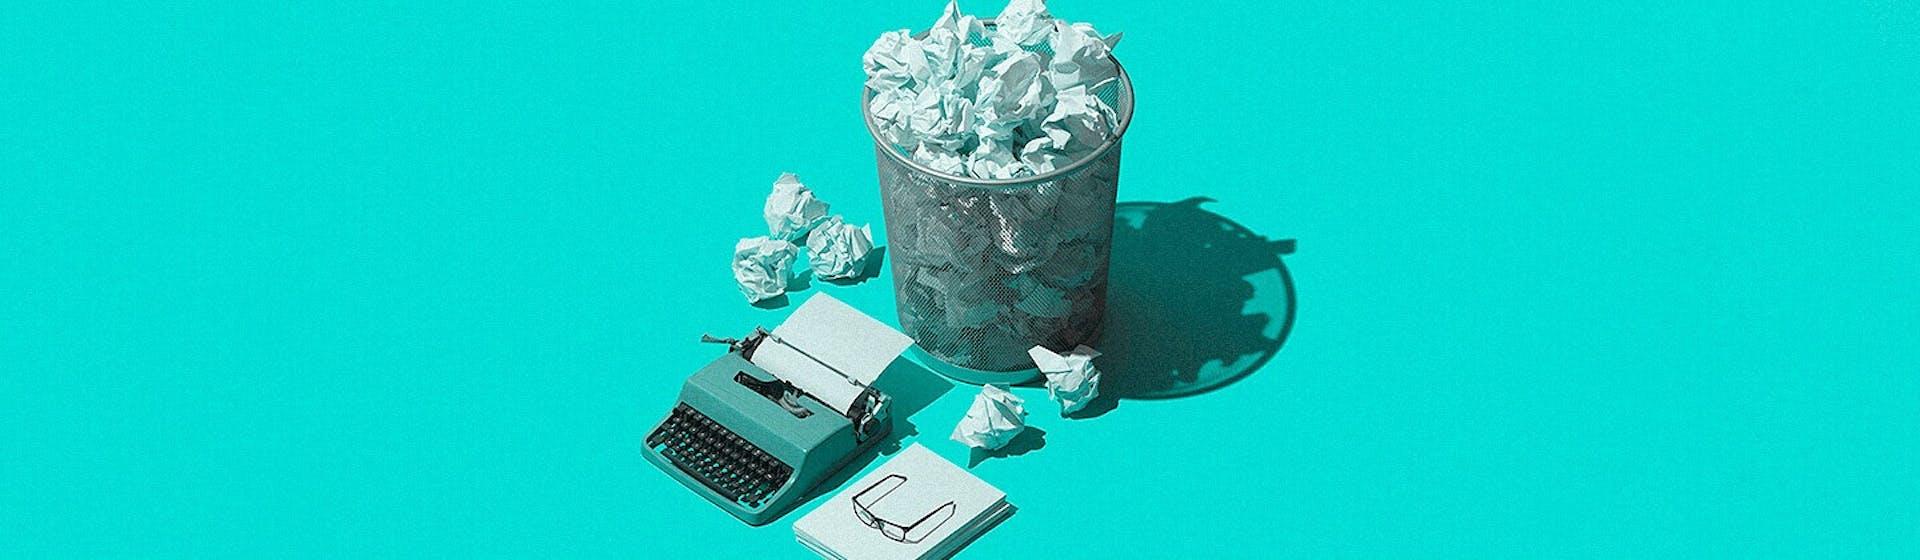 ¿Quieres ser escritor freelance? ¡Tips para conseguir trabajos increíbles!